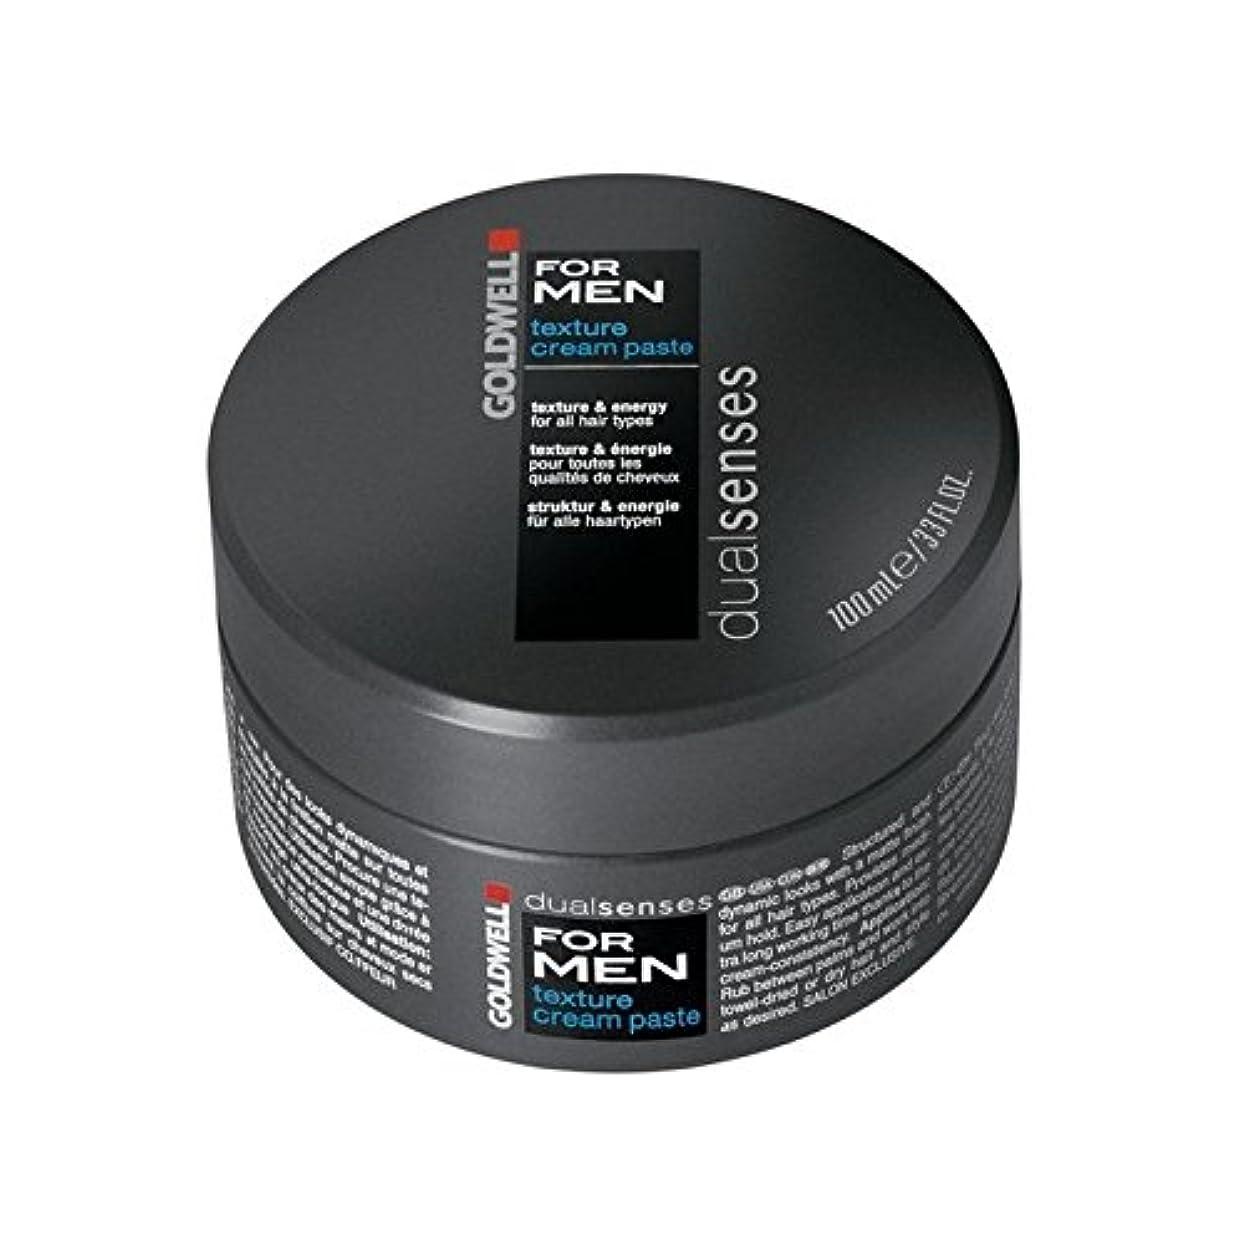 歩き回る提供魔術師男性のテクスチャーのクリームペースト(100ミリリットル)のためのの x2 - Goldwell Dualsenses For Men Texture Cream Paste (100ml) (Pack of 2) [並行輸入品]